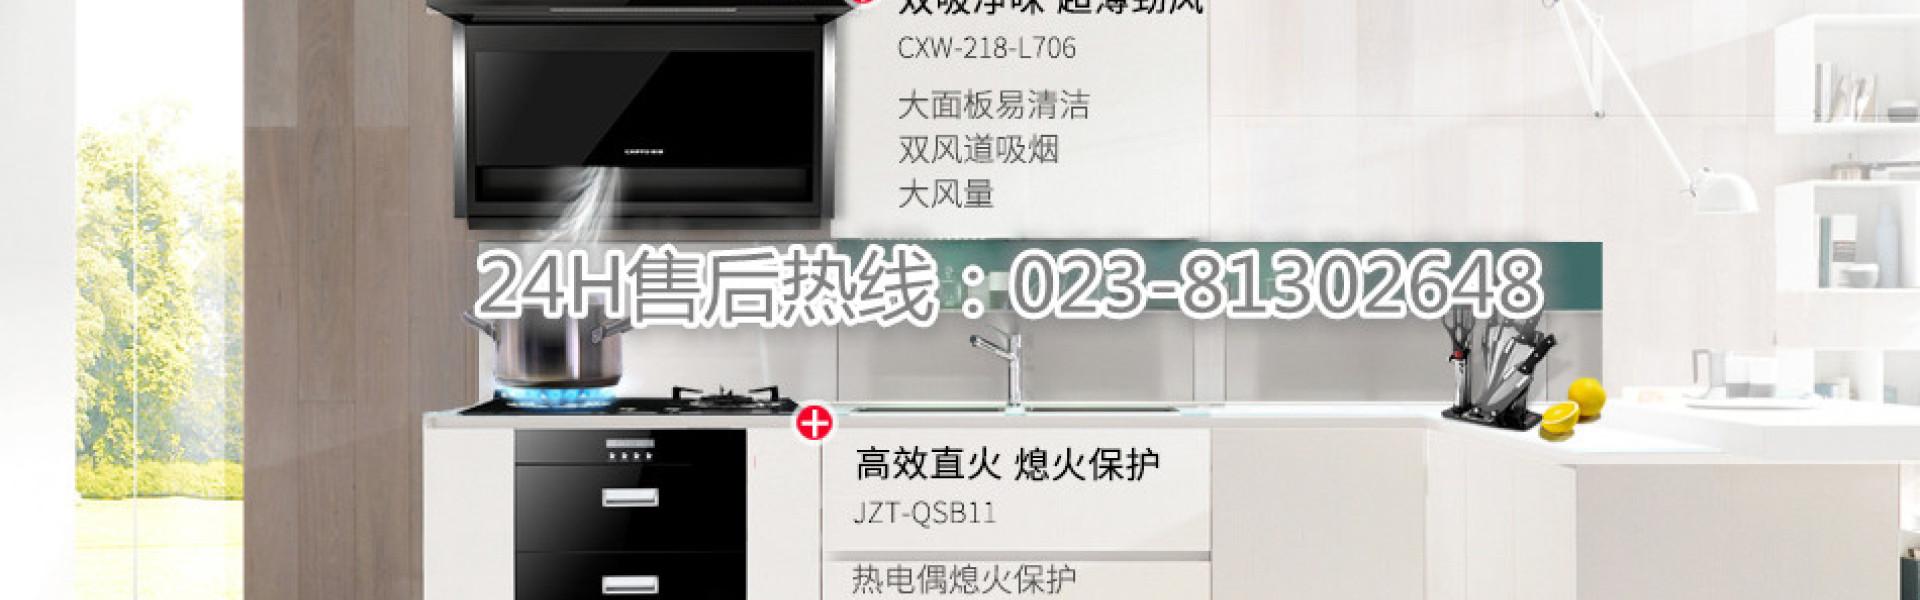 重庆前锋热水器售后维修电话banner